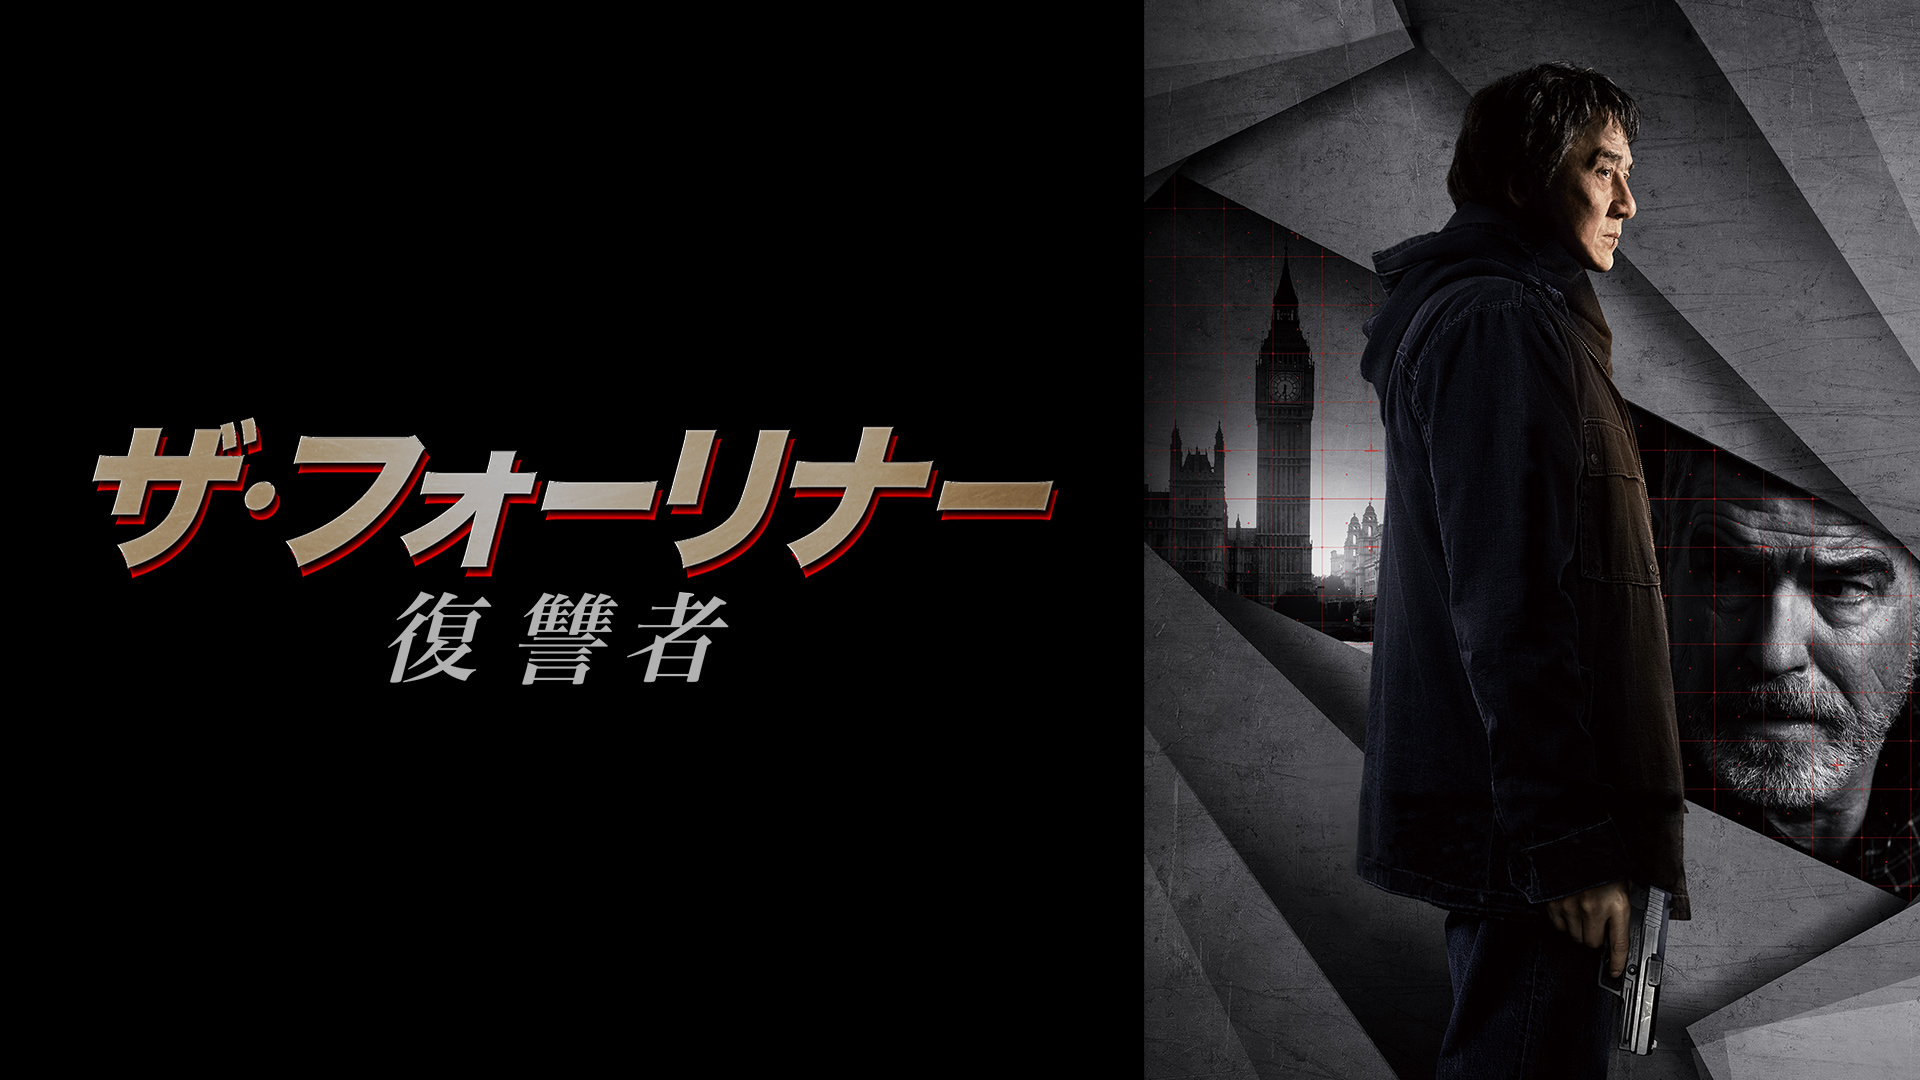 ザ・フォーリナー/復讐者(字幕版)